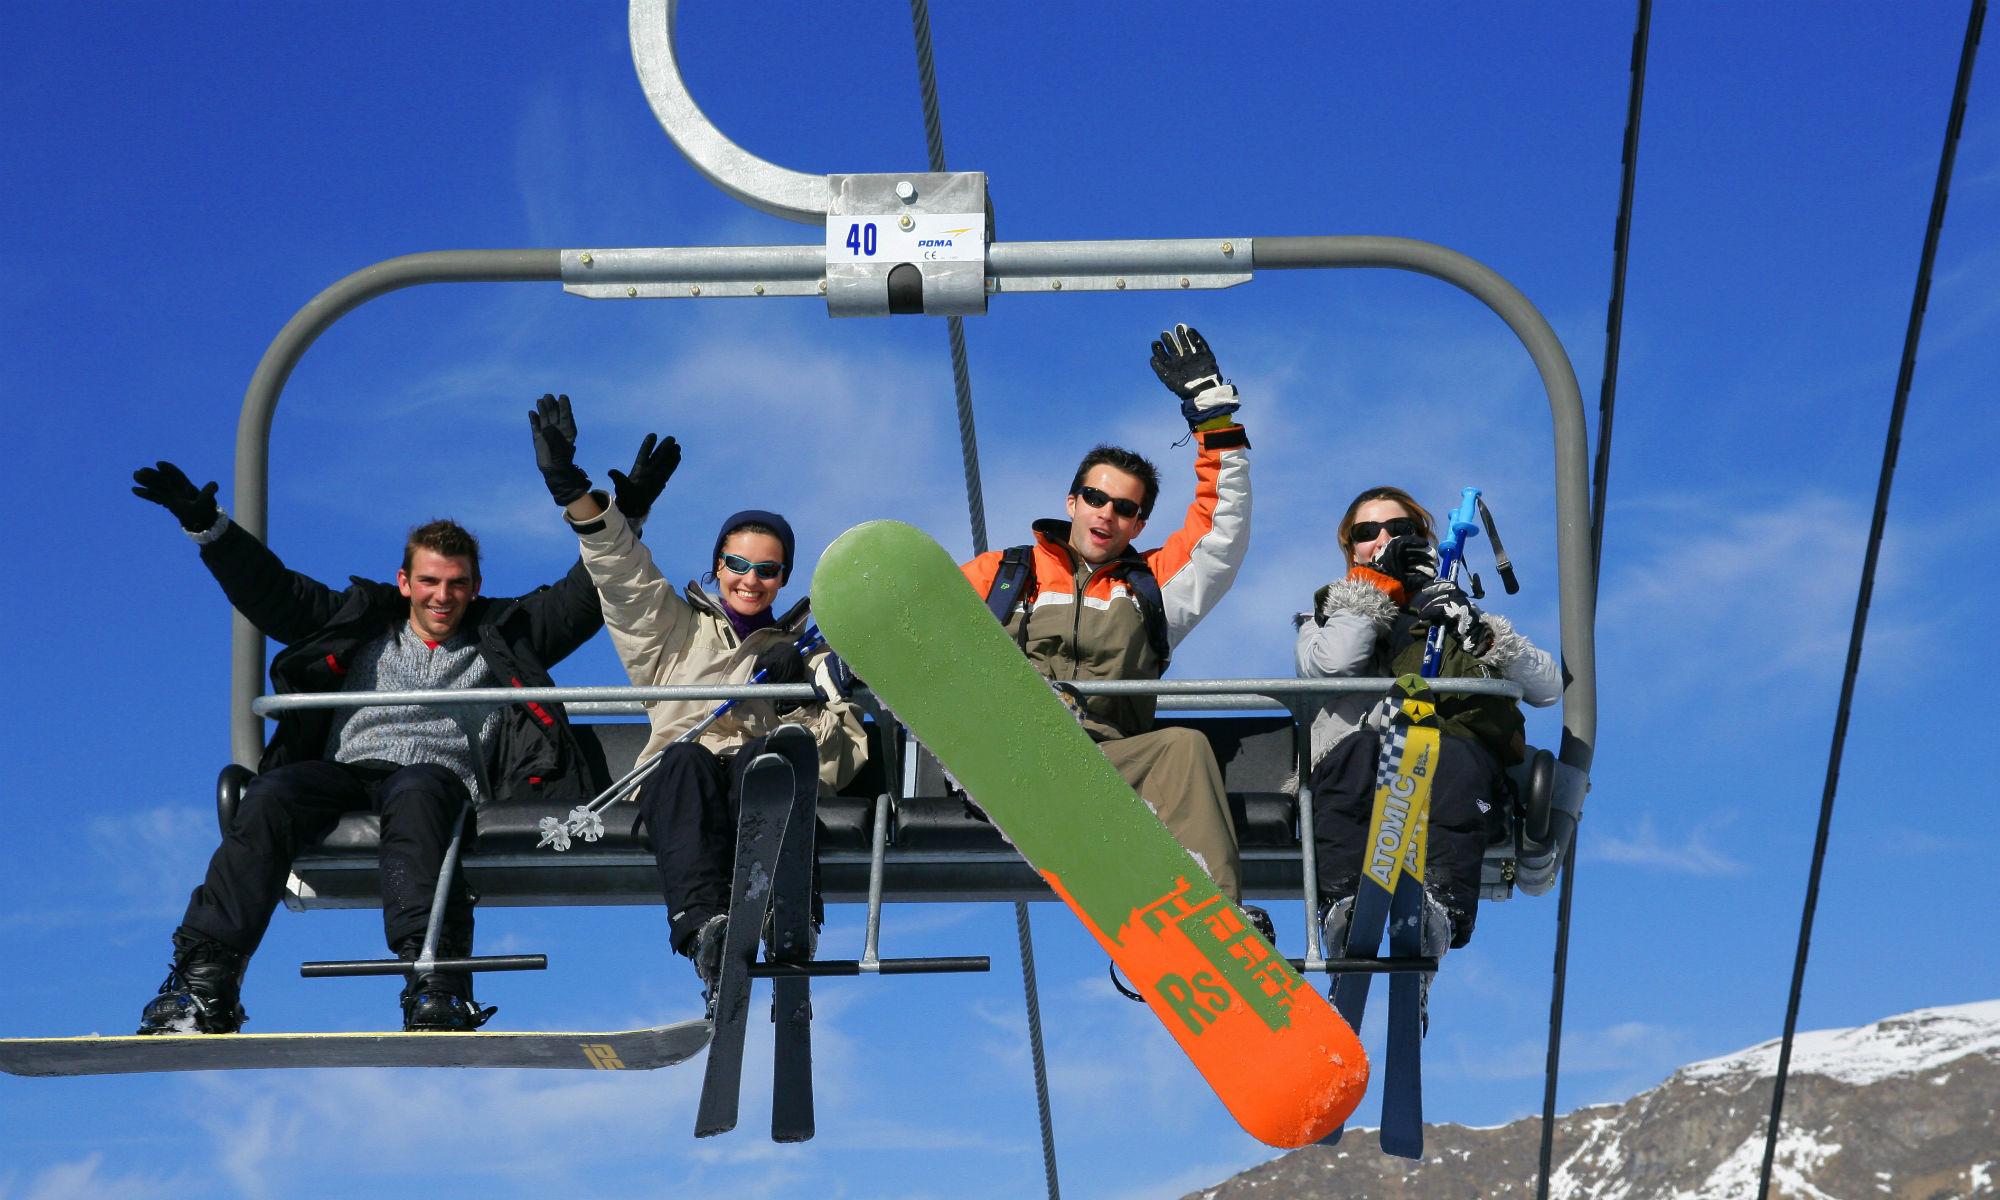 Un groupe d'amis tout sourire sur un télésiège à Font Romeu.